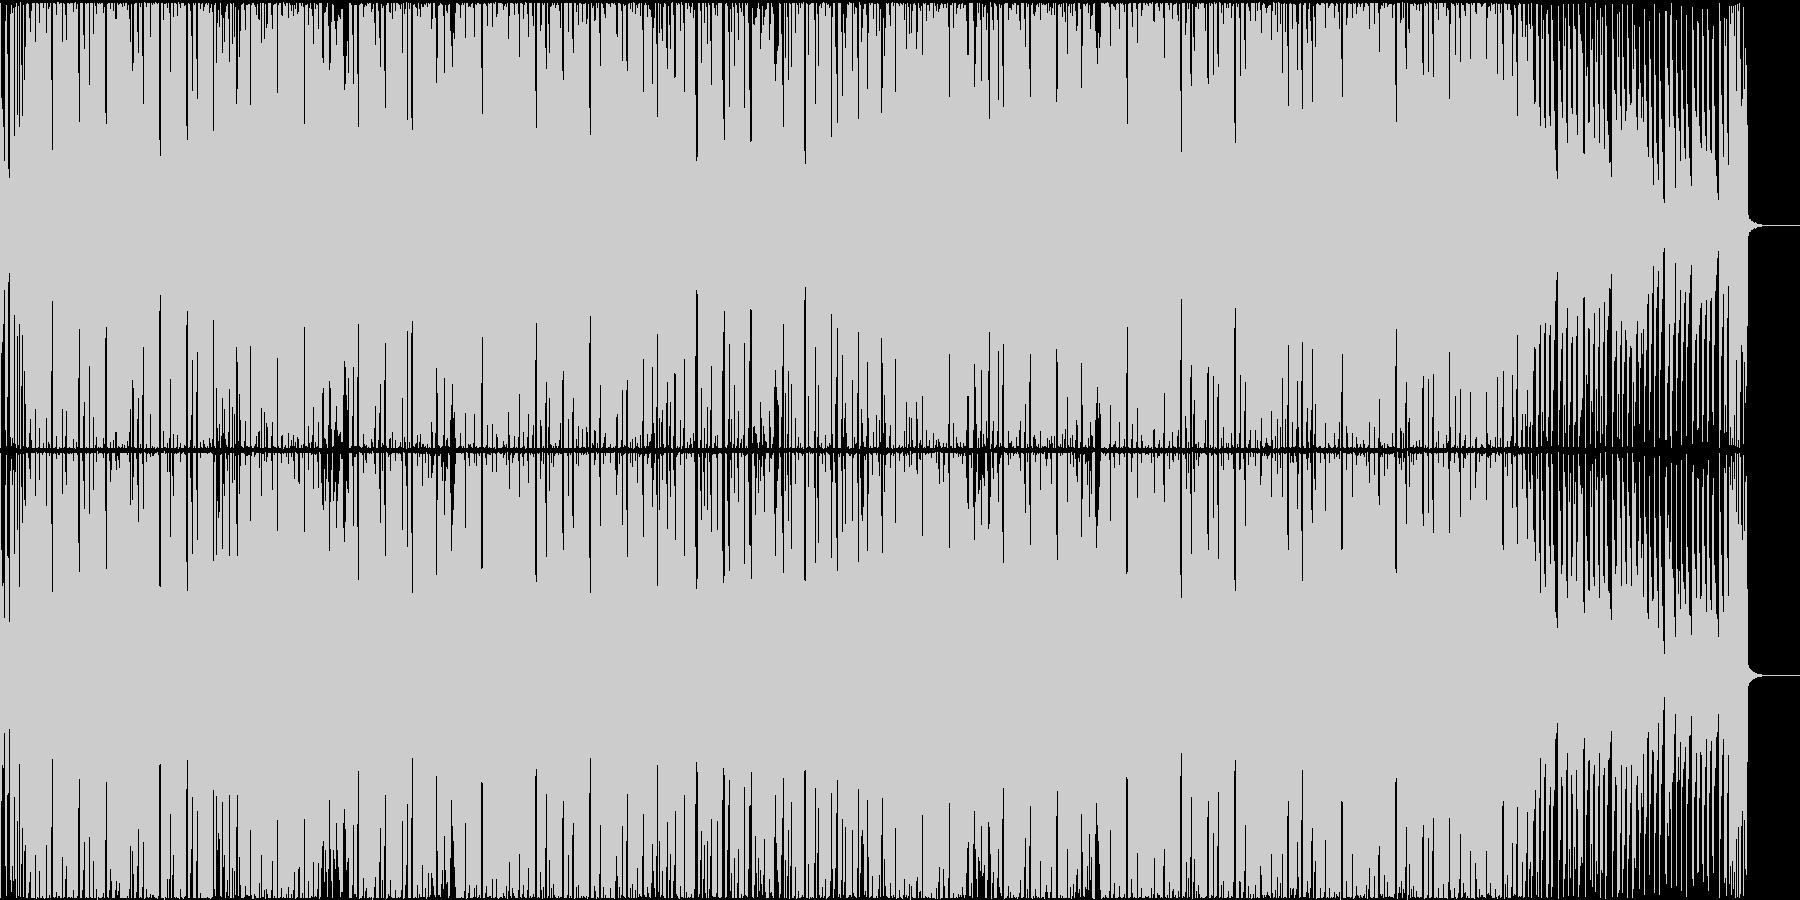 軽快でポップなEDMハウス CM・映像にの未再生の波形